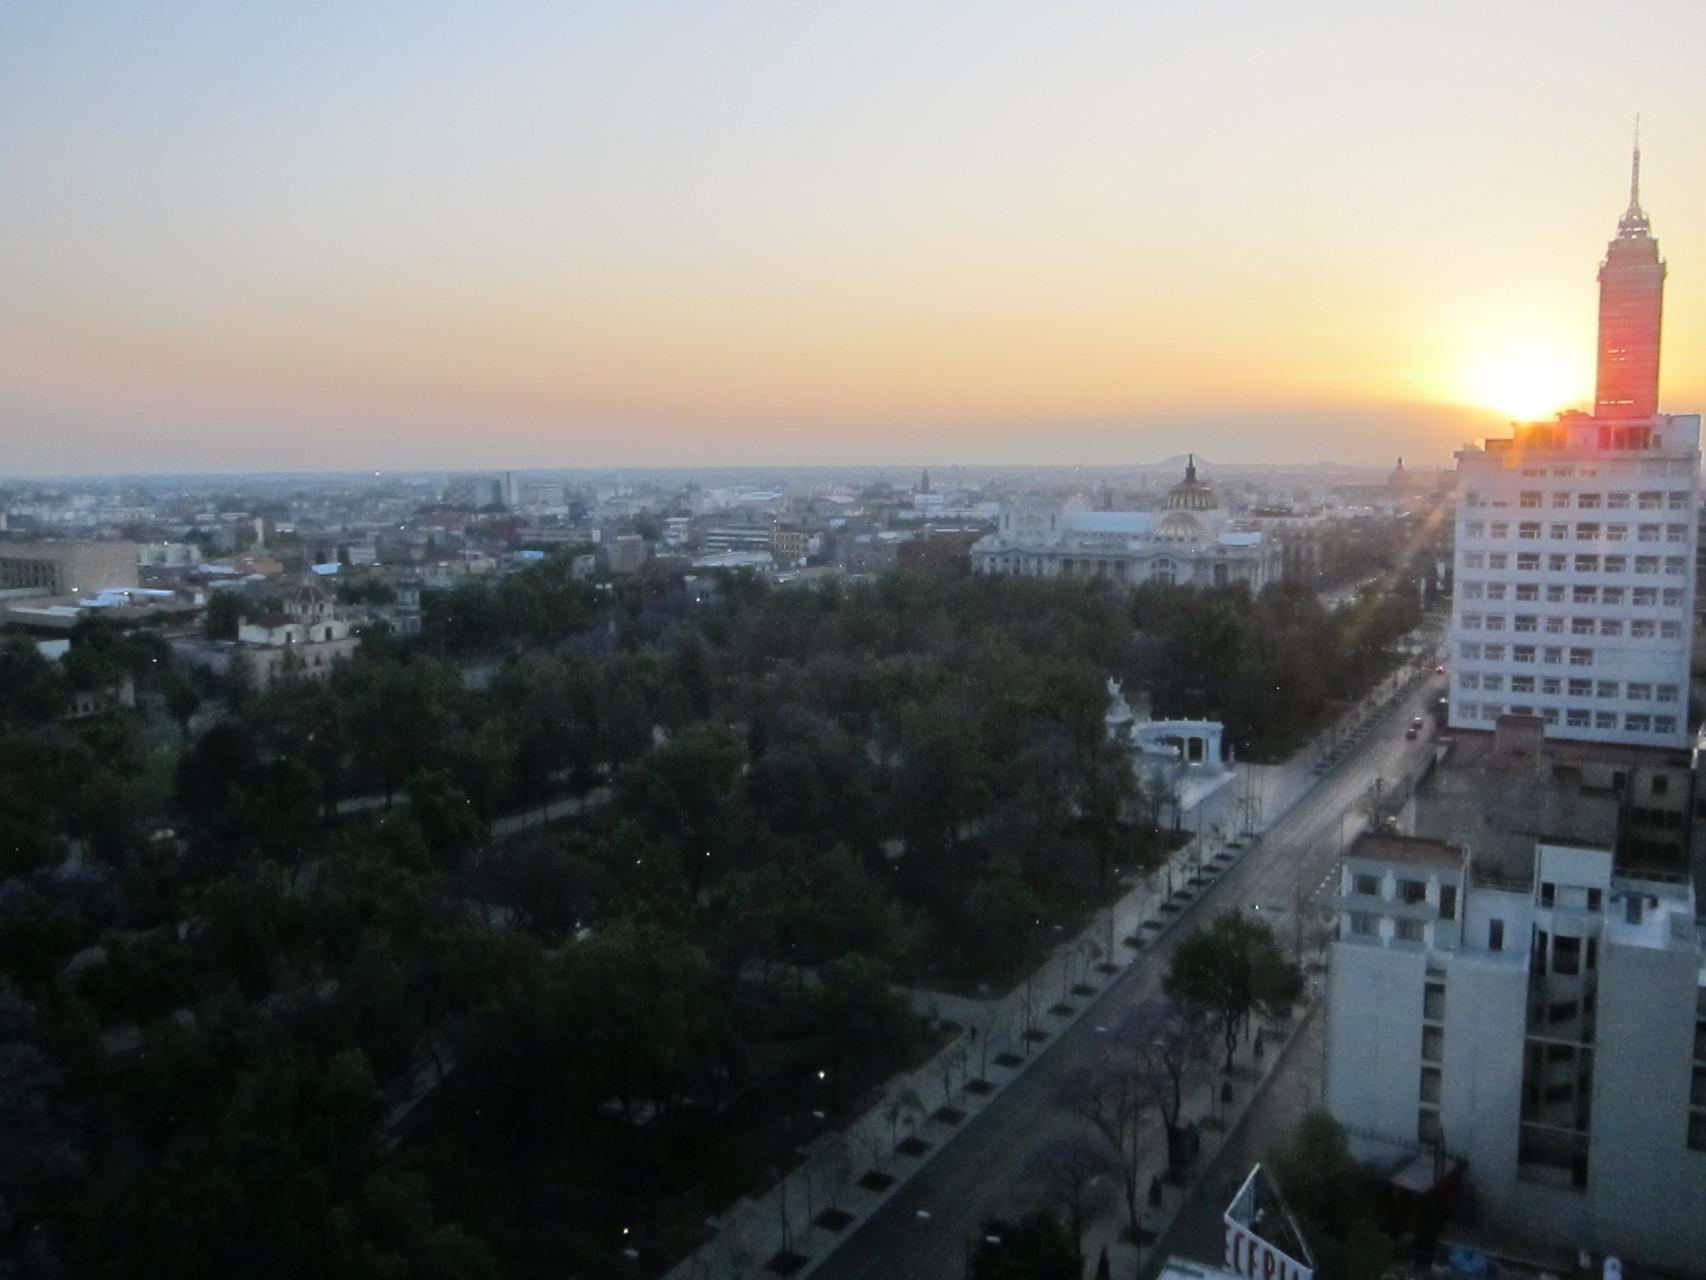 メキシコシティ中心部の日の出です。中央右にグアタルーペの丘が見えます